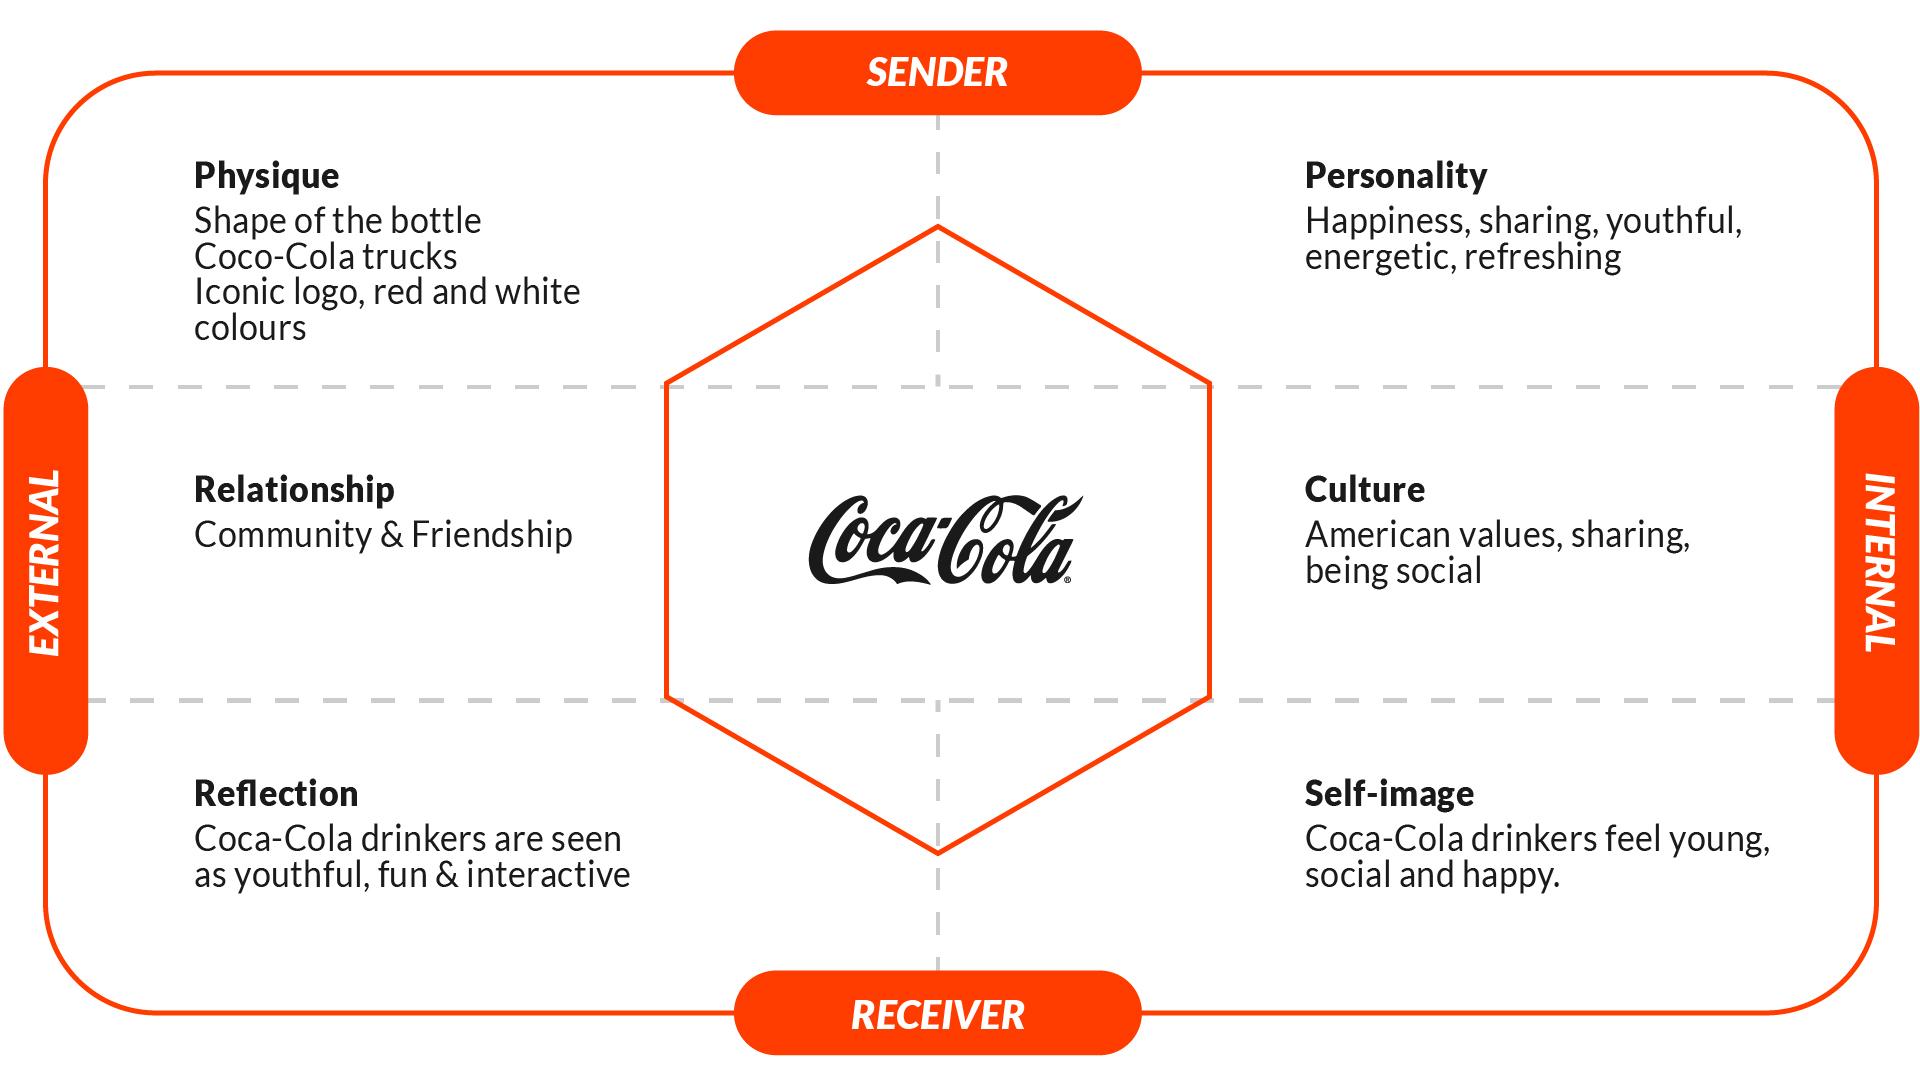 a diagram Coca-Cola's identity shown in the brand identity prism